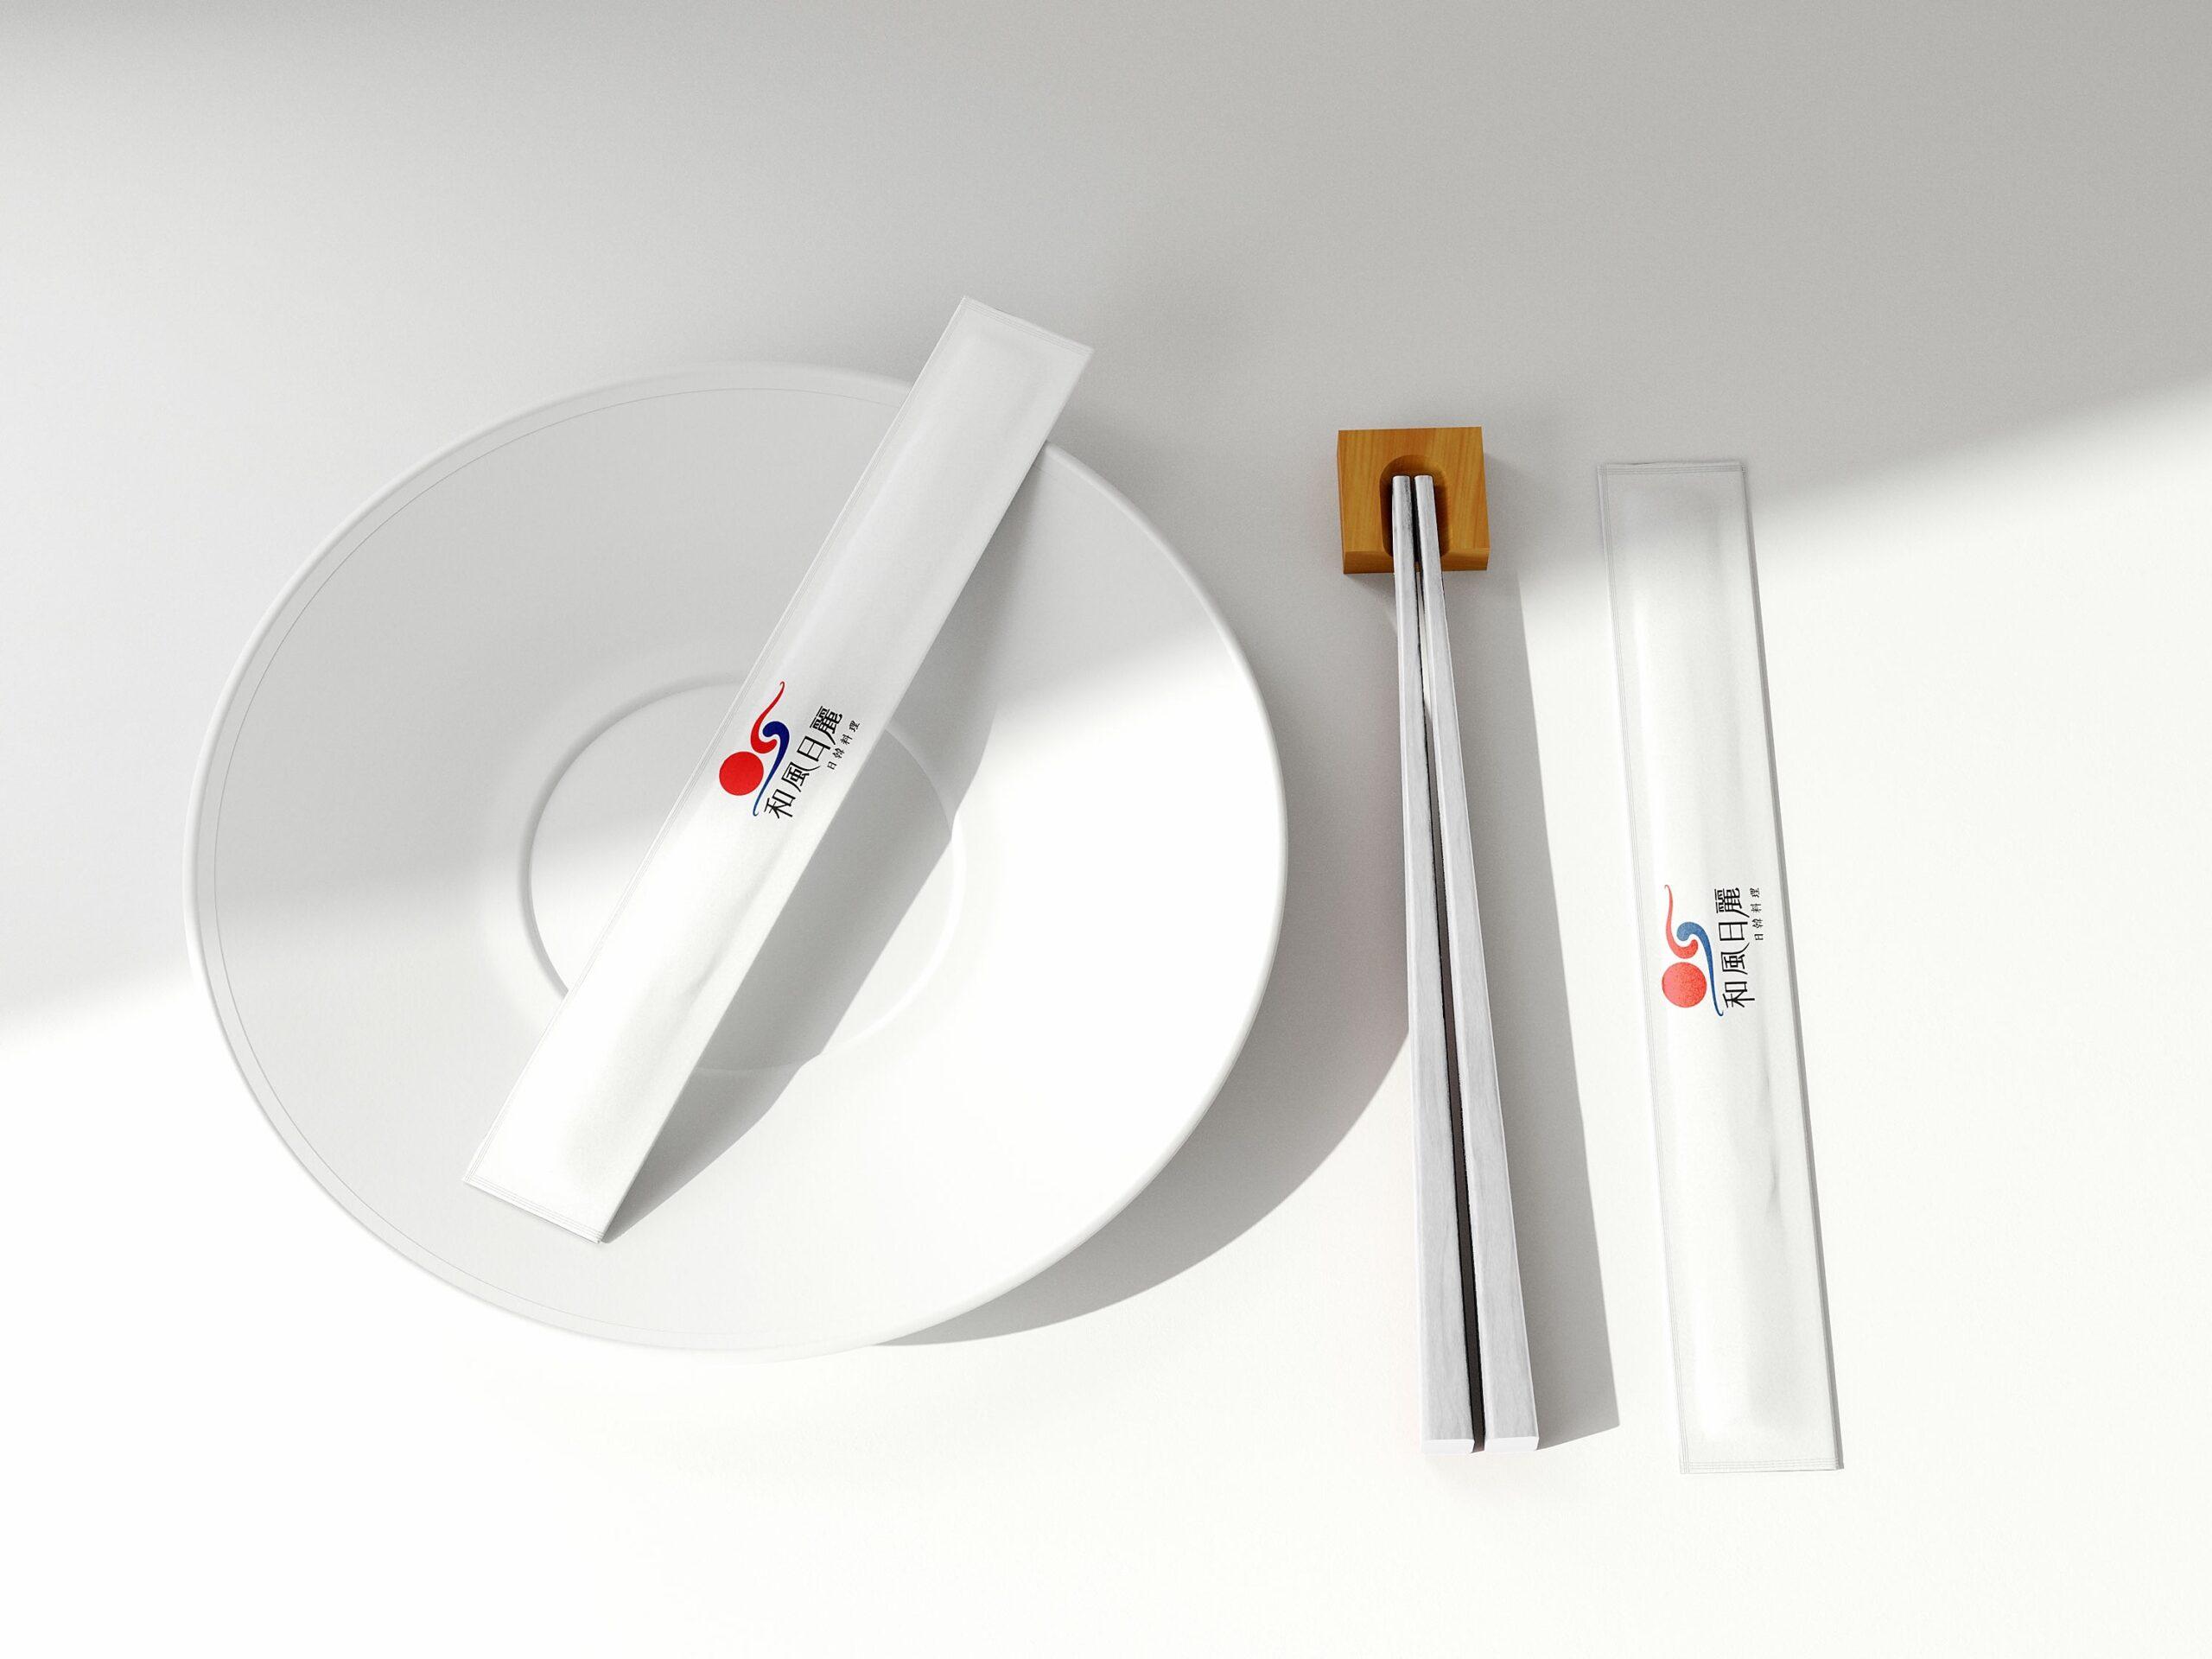 Sunnyshine Free Chopsticks Mockup Perfectlyclear